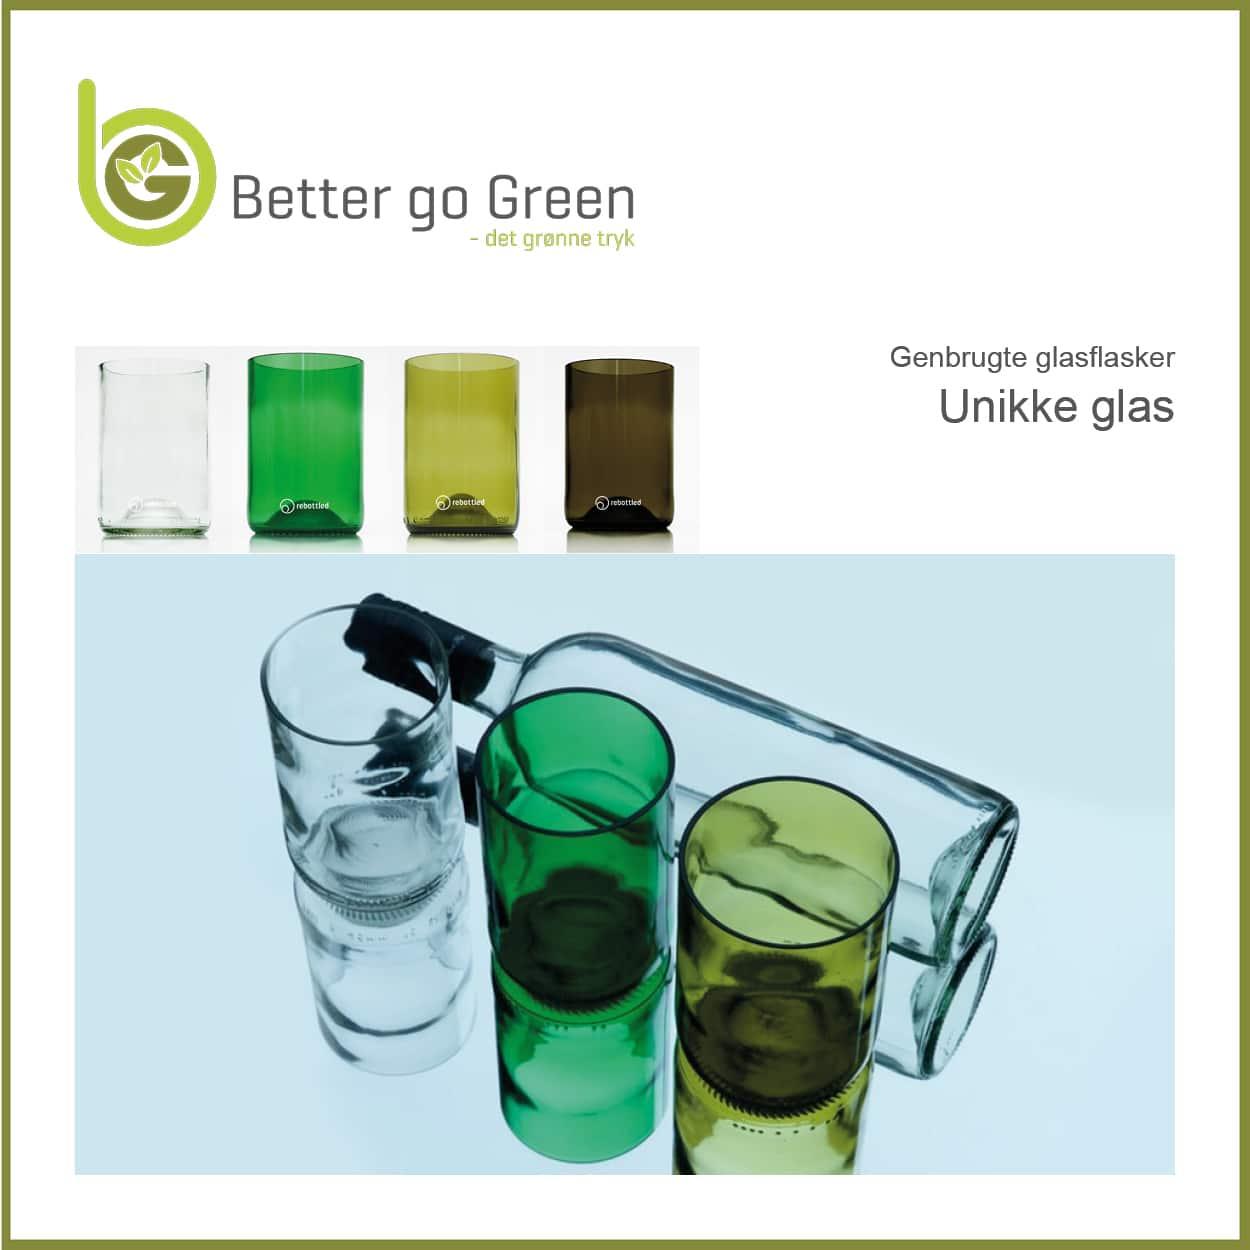 Miljøvenlige unikke glas. BetterGoGreen.dk